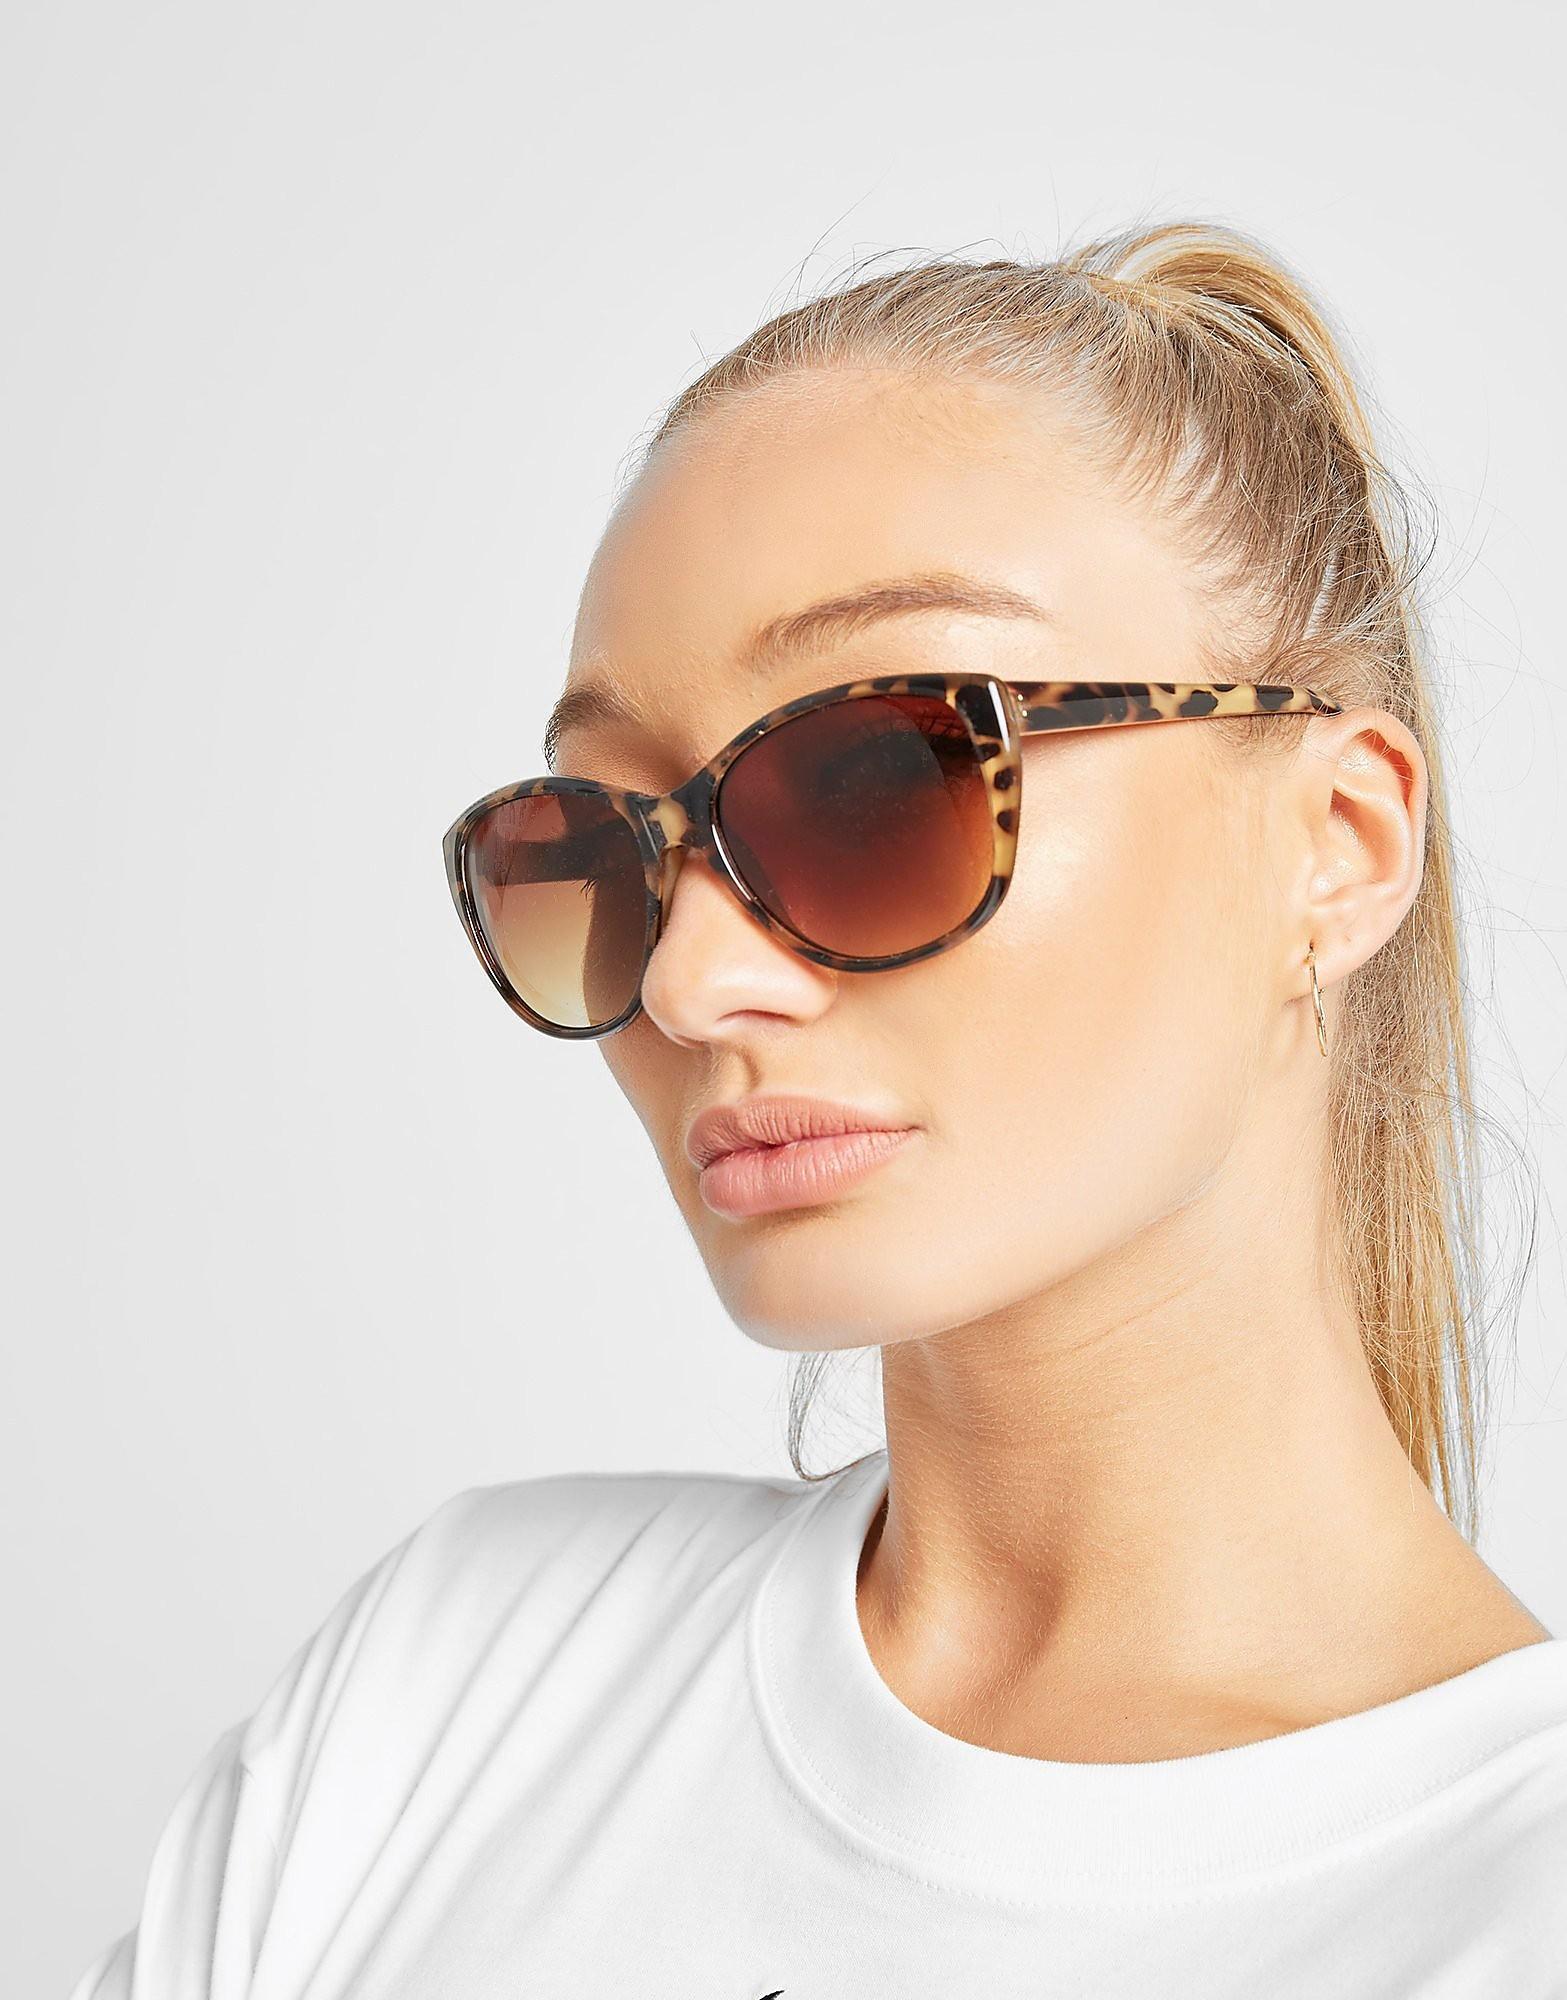 Brookhaven Louise sommerfugleformede solbriller